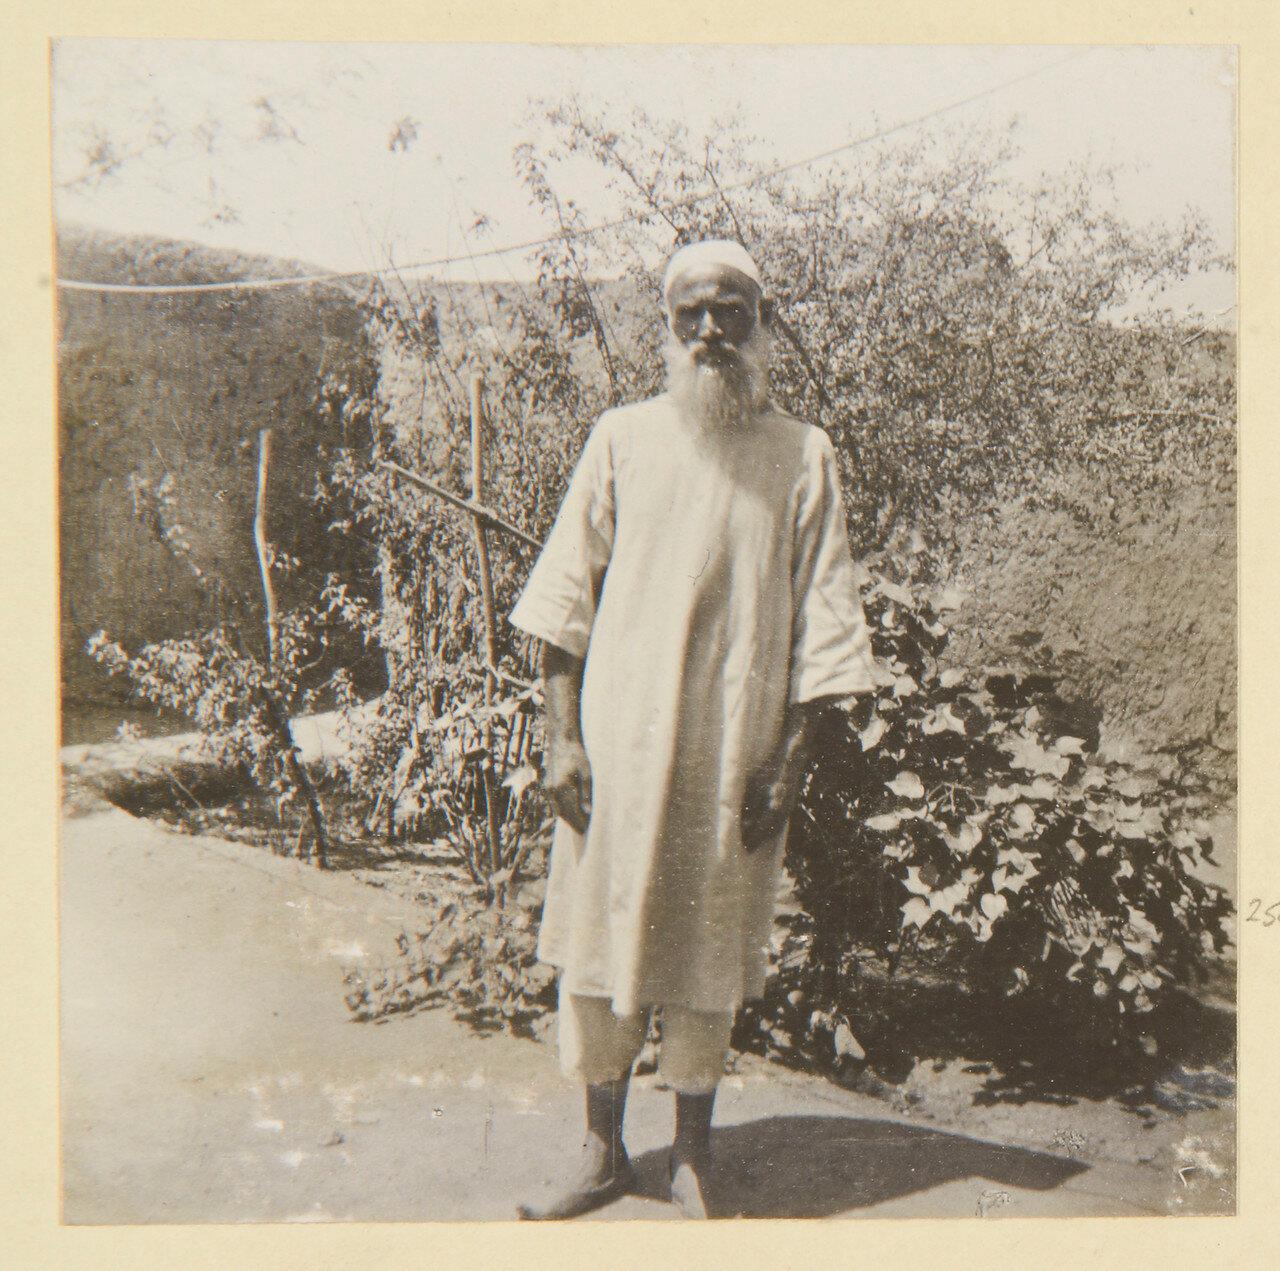 Отец Джузеппе, который был захвачен в монастыре в Эль-Обейде, недалеко от Омдурмана в 1883